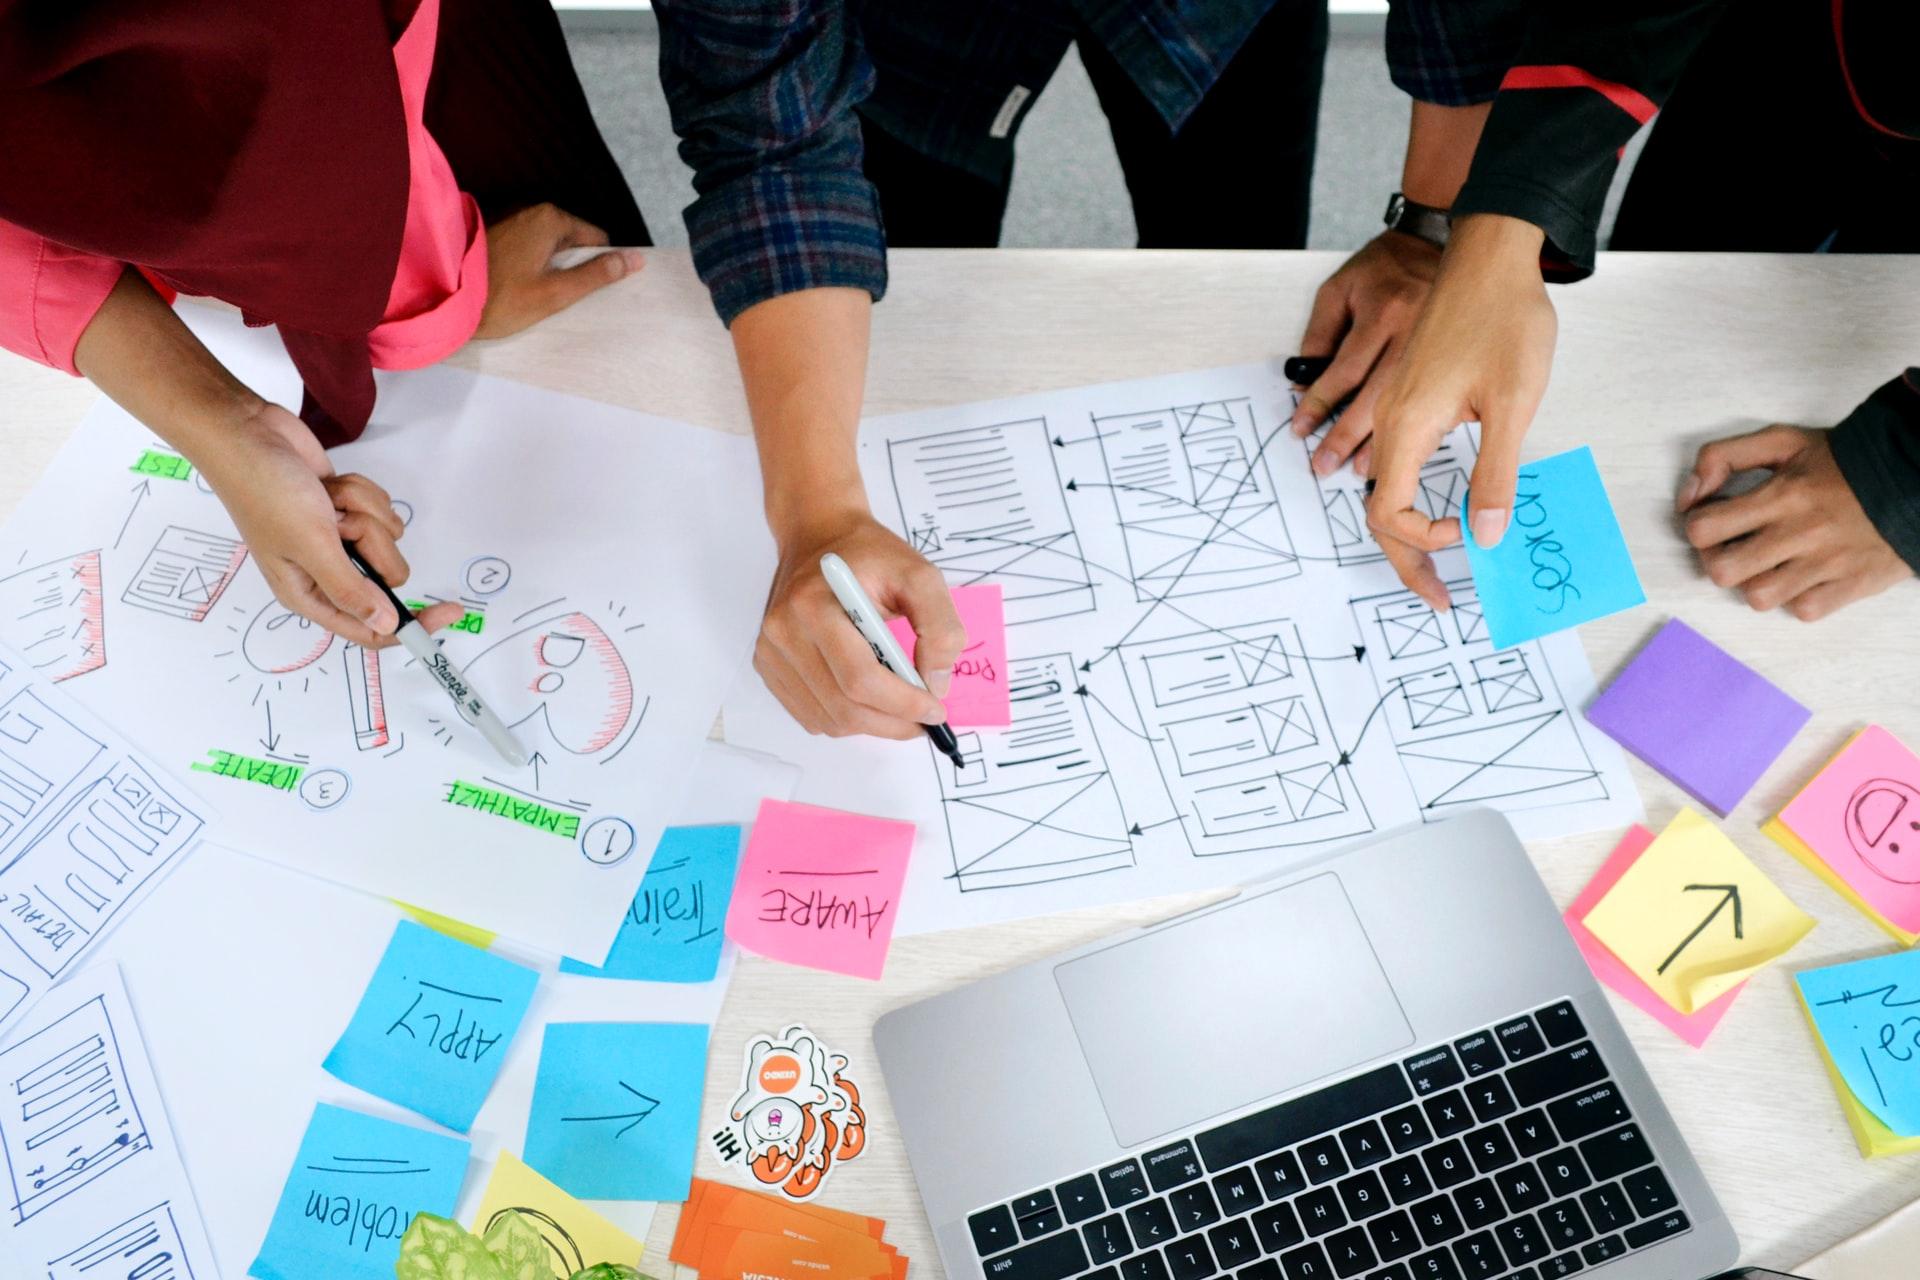 denso-digital-business-models